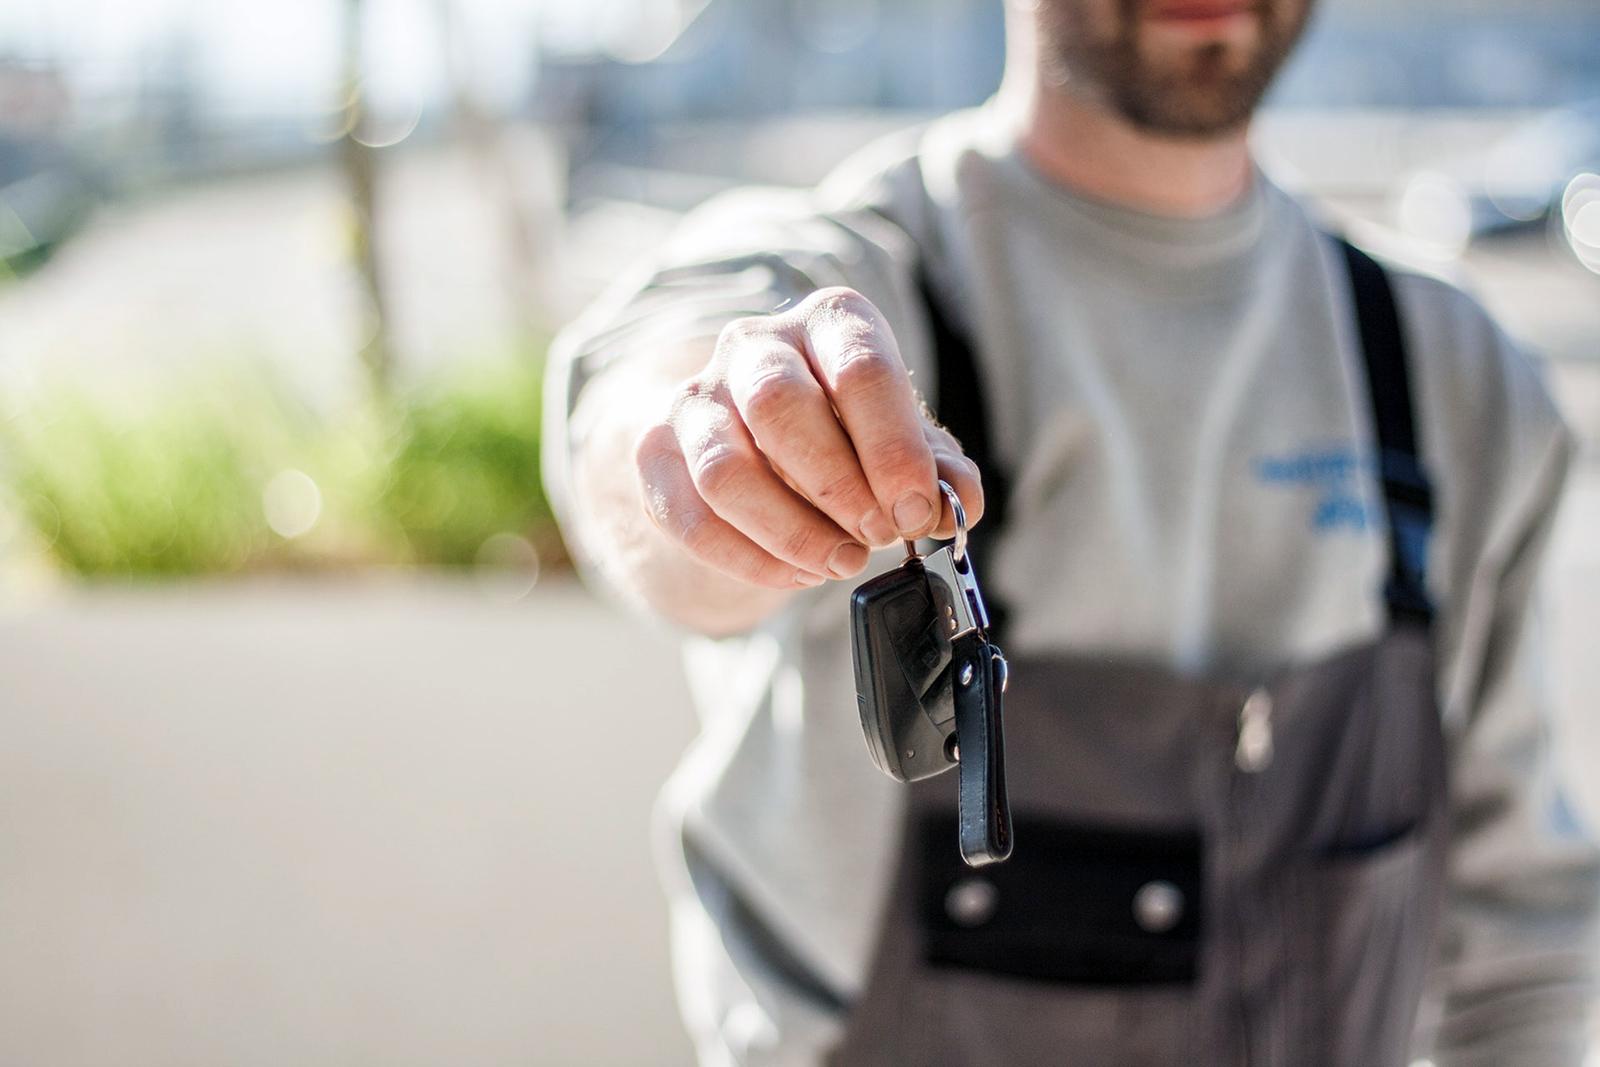 car-buying-car-dealership-car-mechanic-97075.jpg